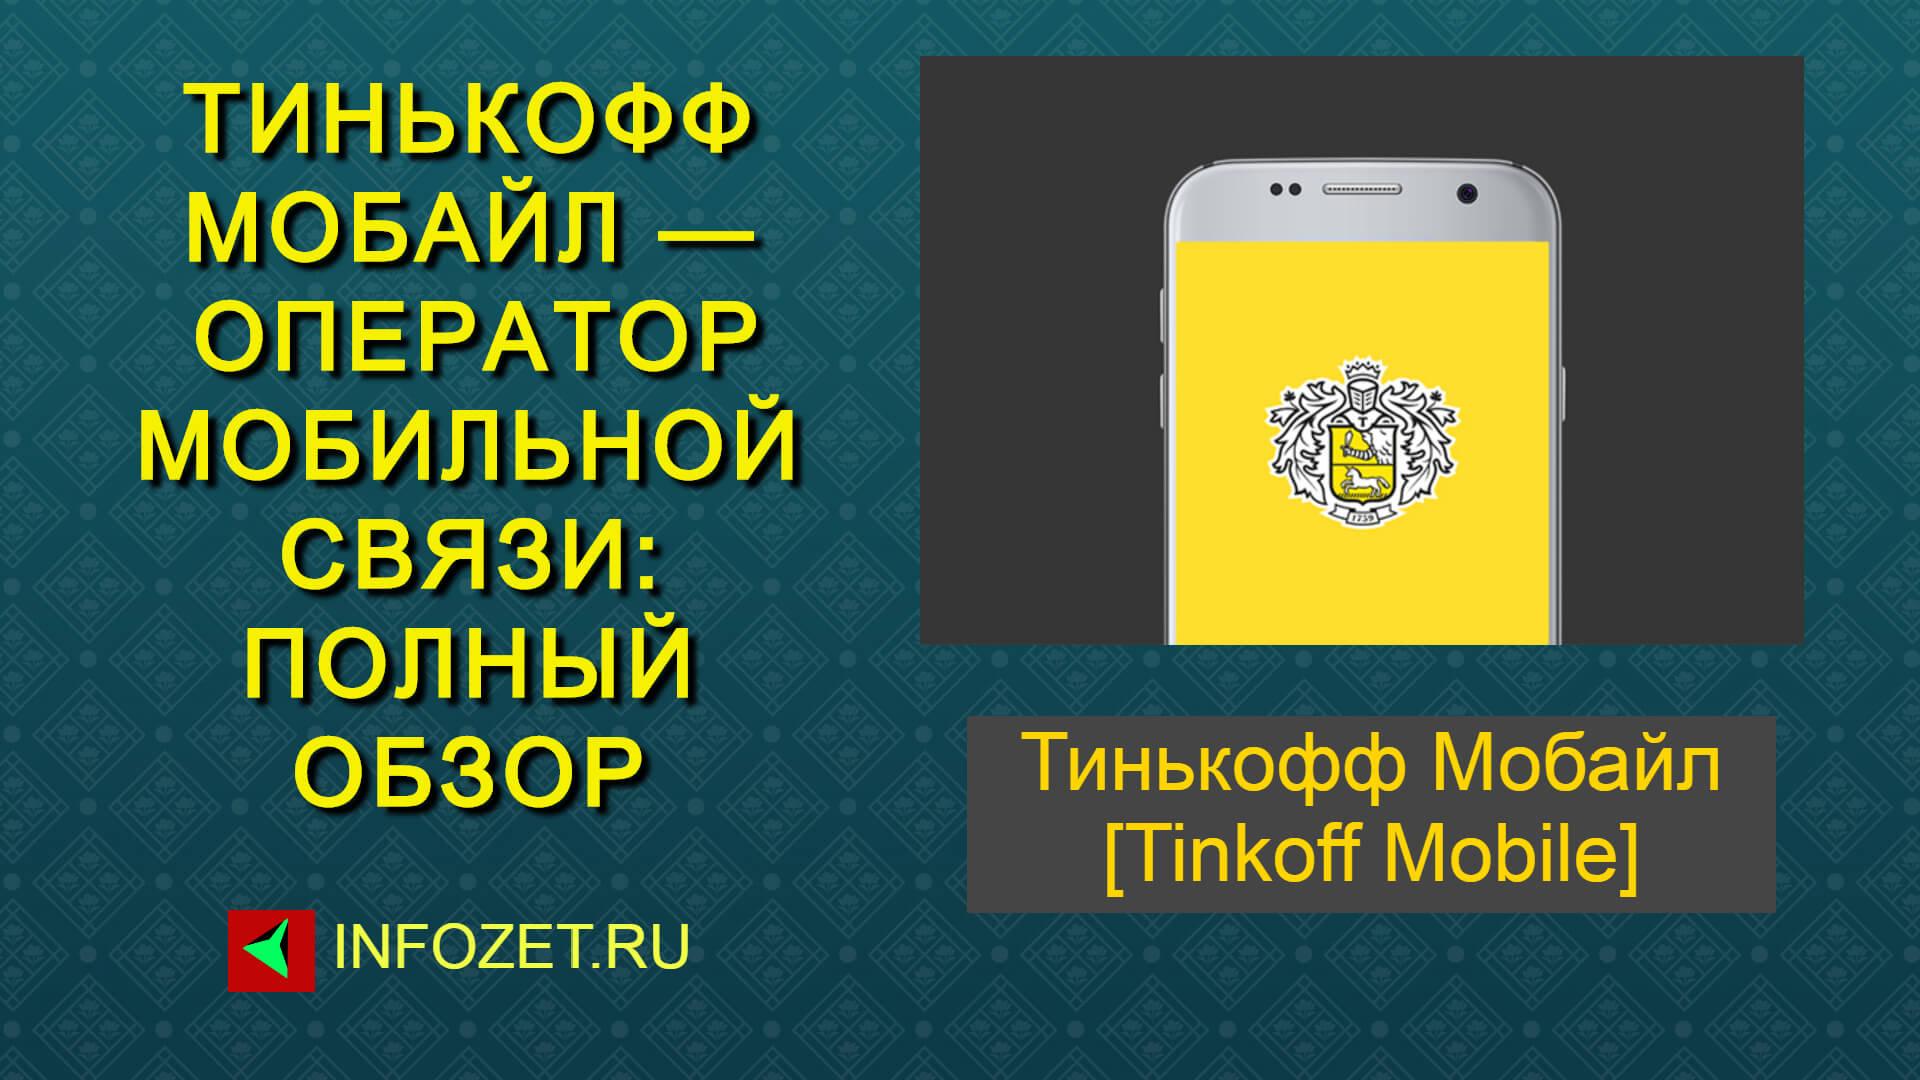 оператор мобильной связи тинькофф мобайл